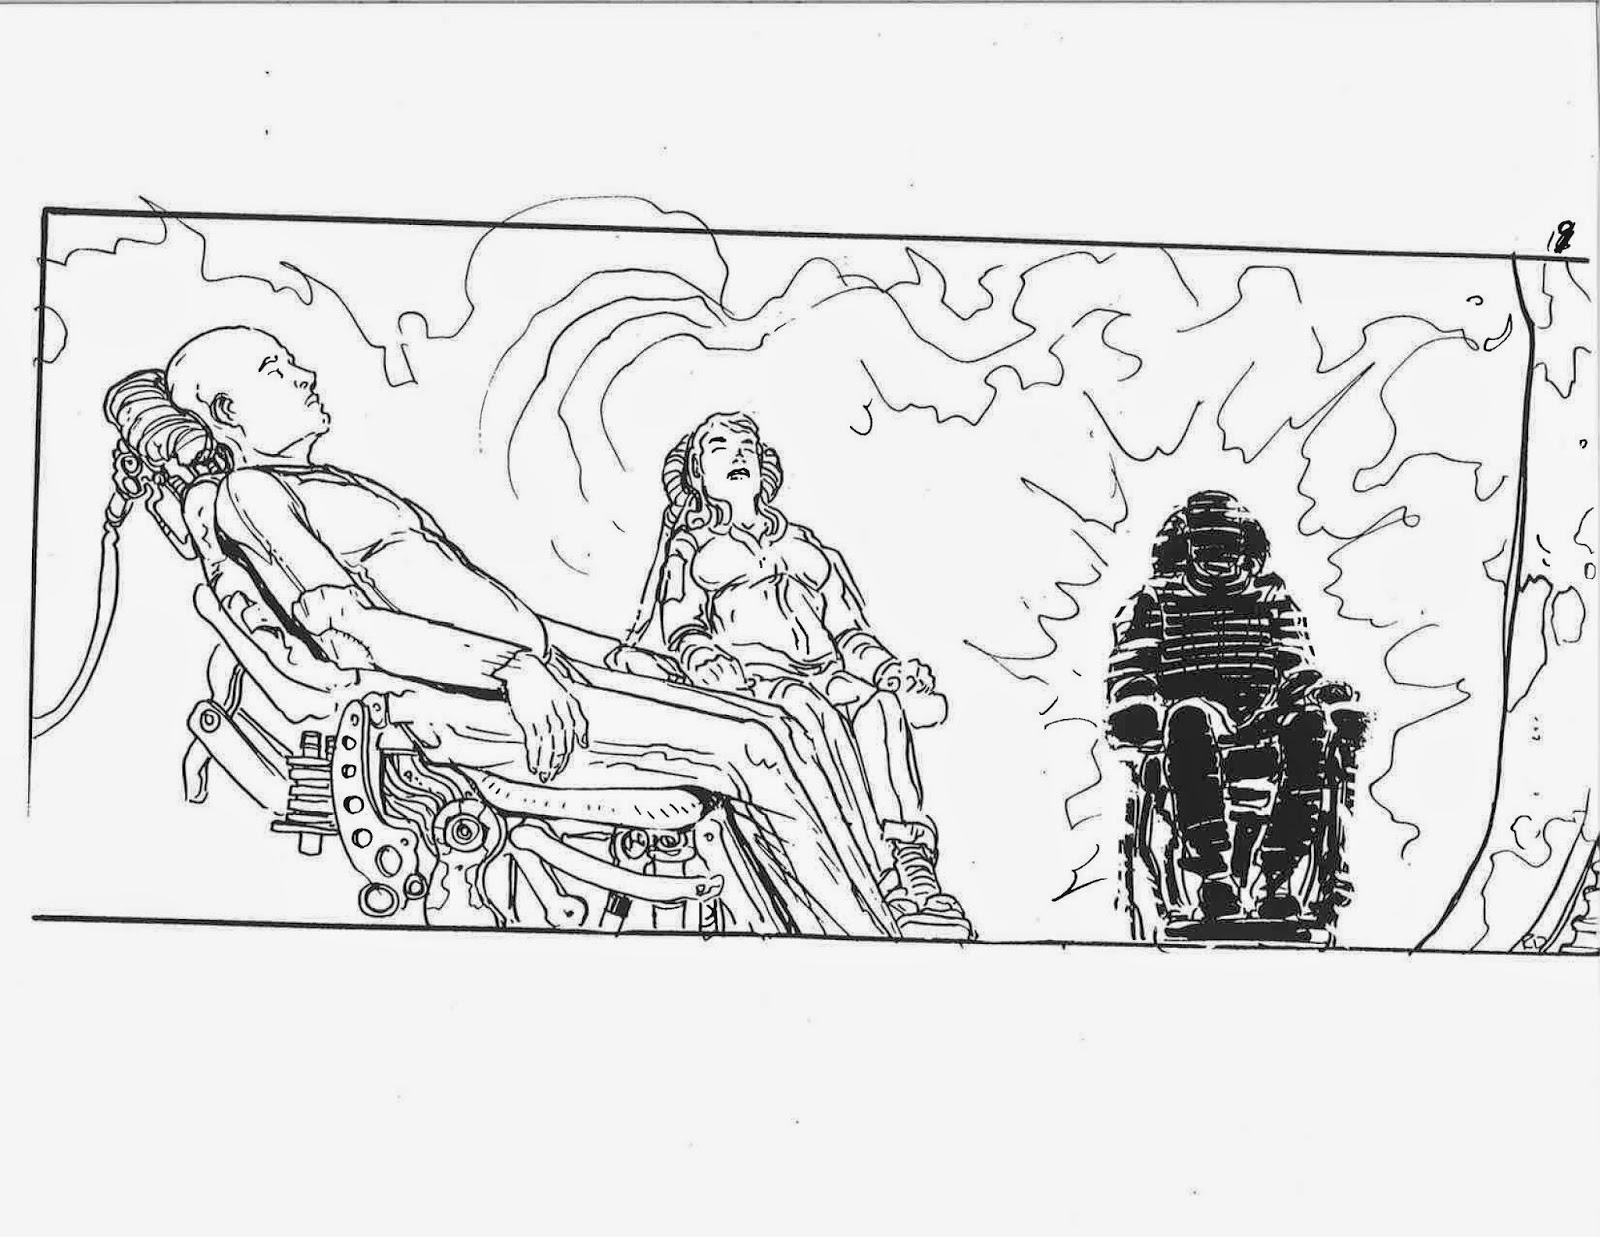 Ricardo Delgado's blog: Matrix storyboards doubleheader!